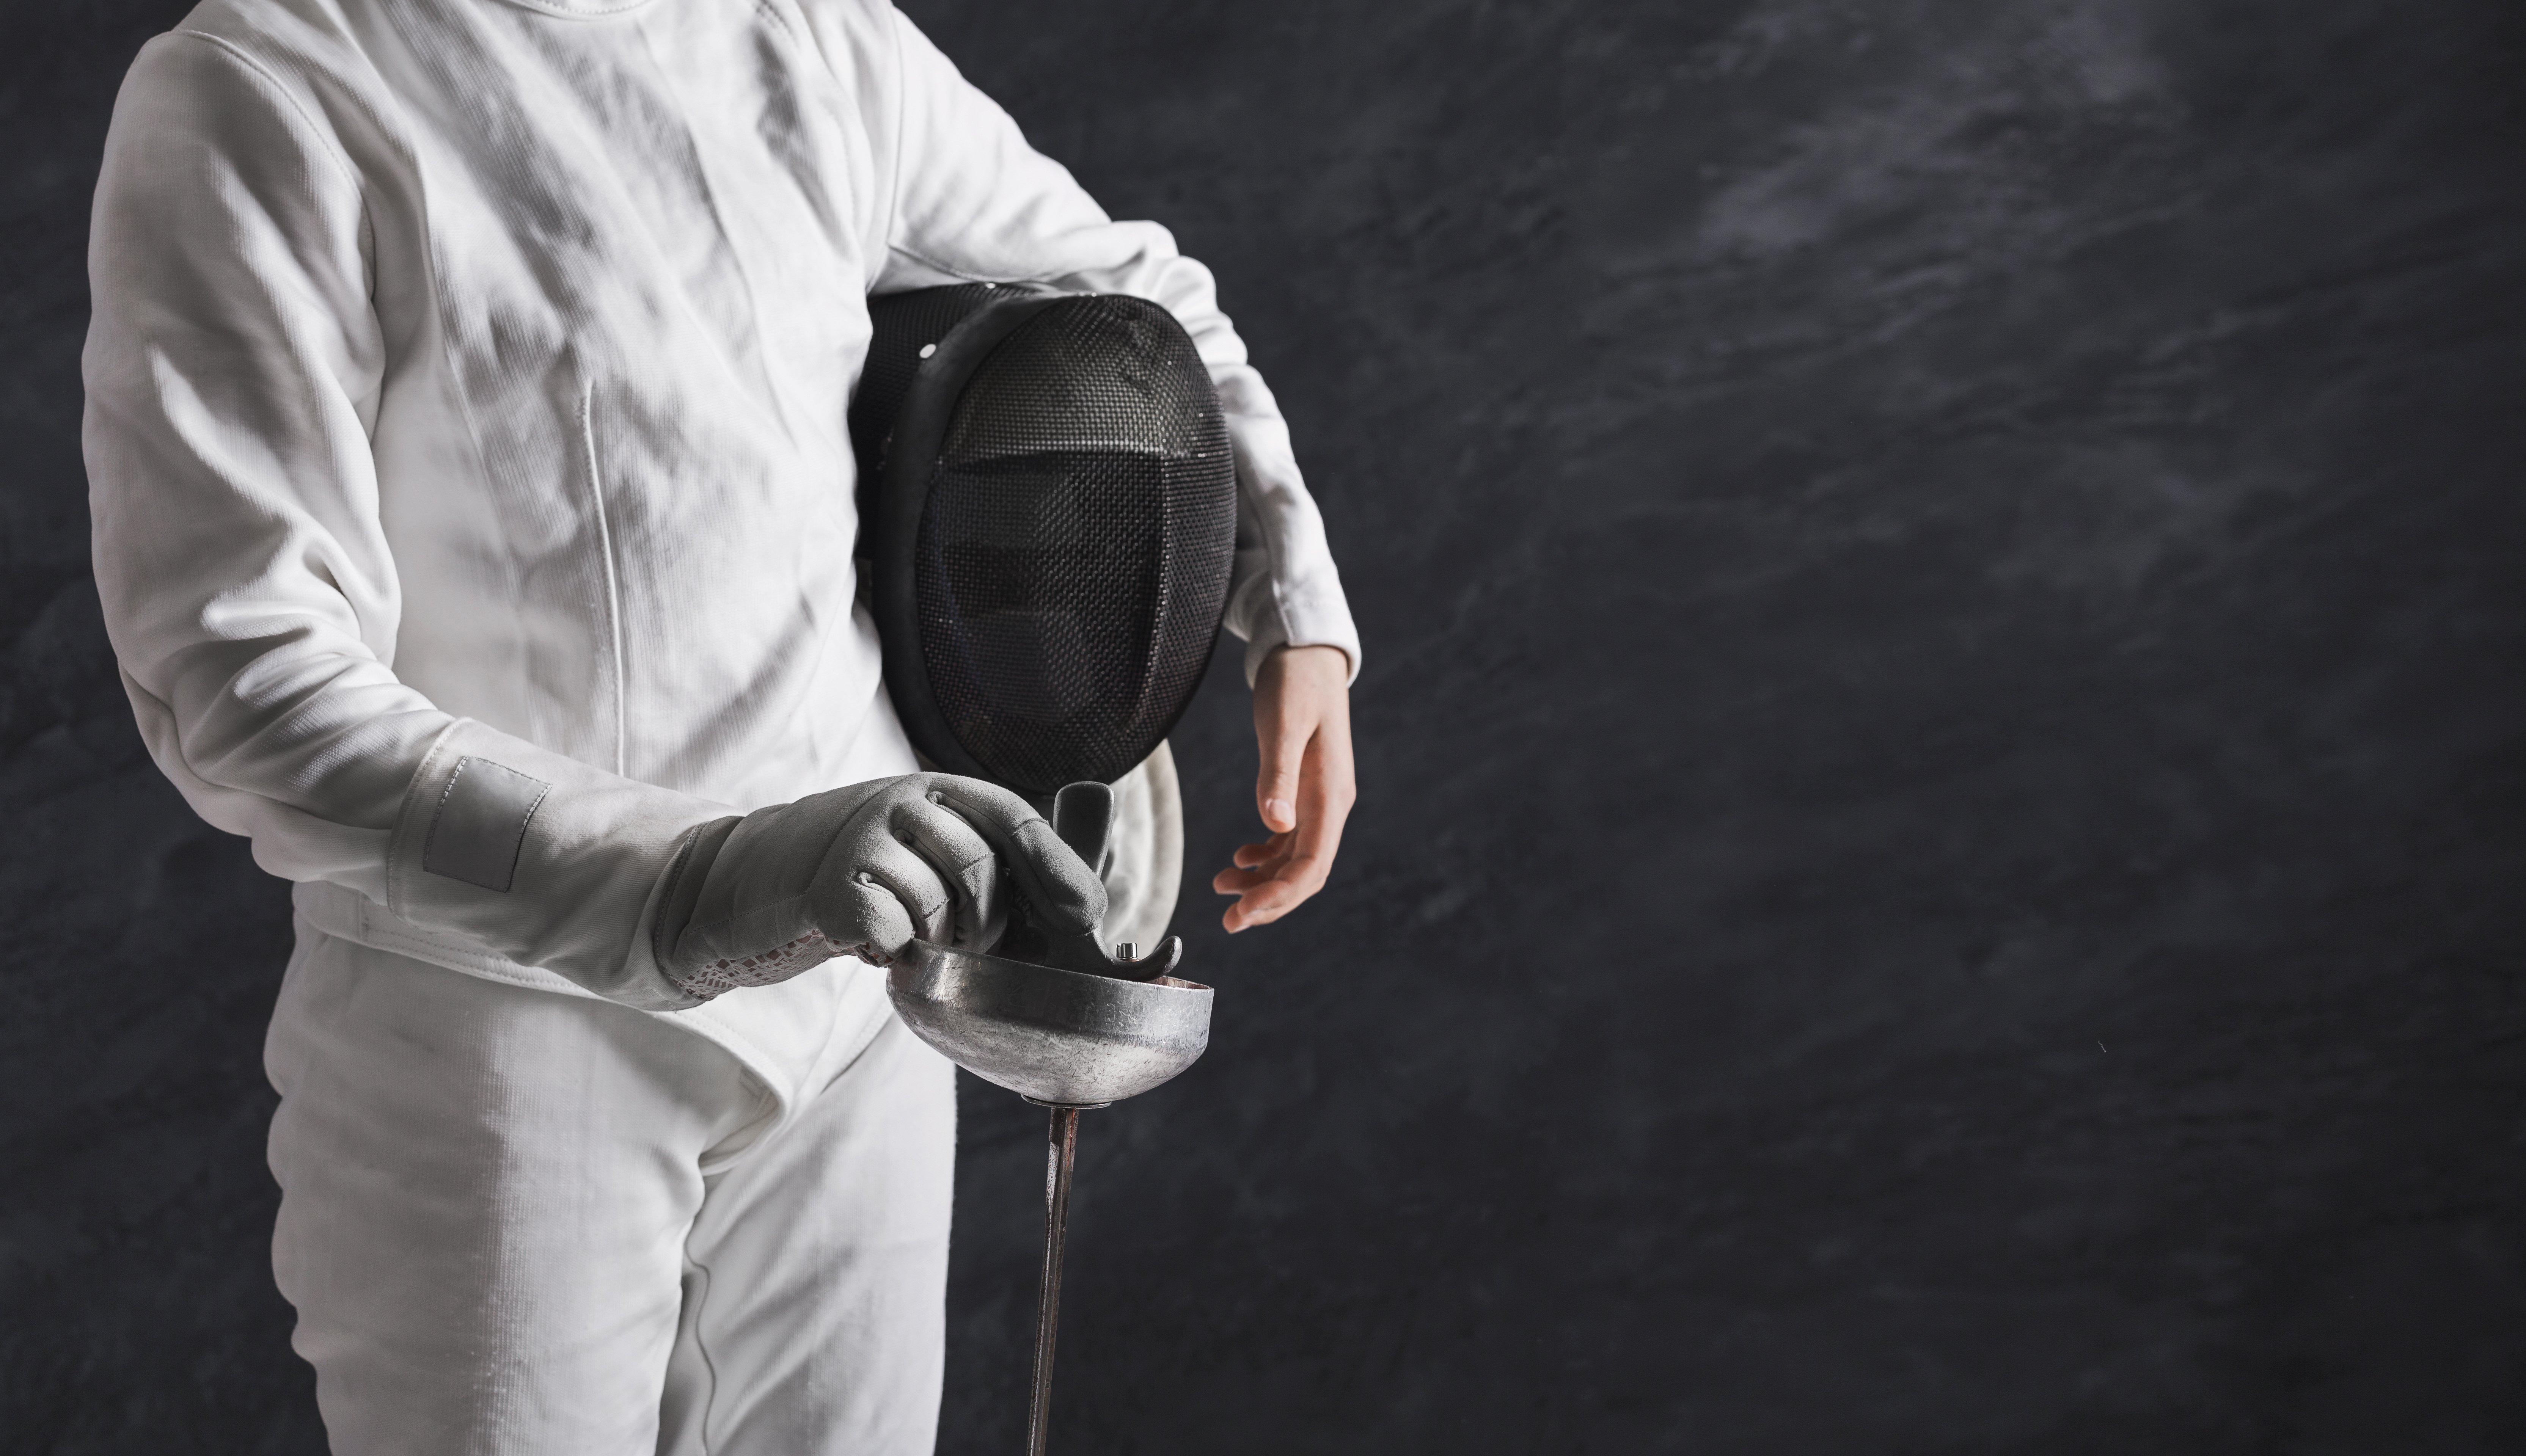 female-fencer-in-white-fencing-suit-at-black-backg-2021-04-02-20-24-50-utc